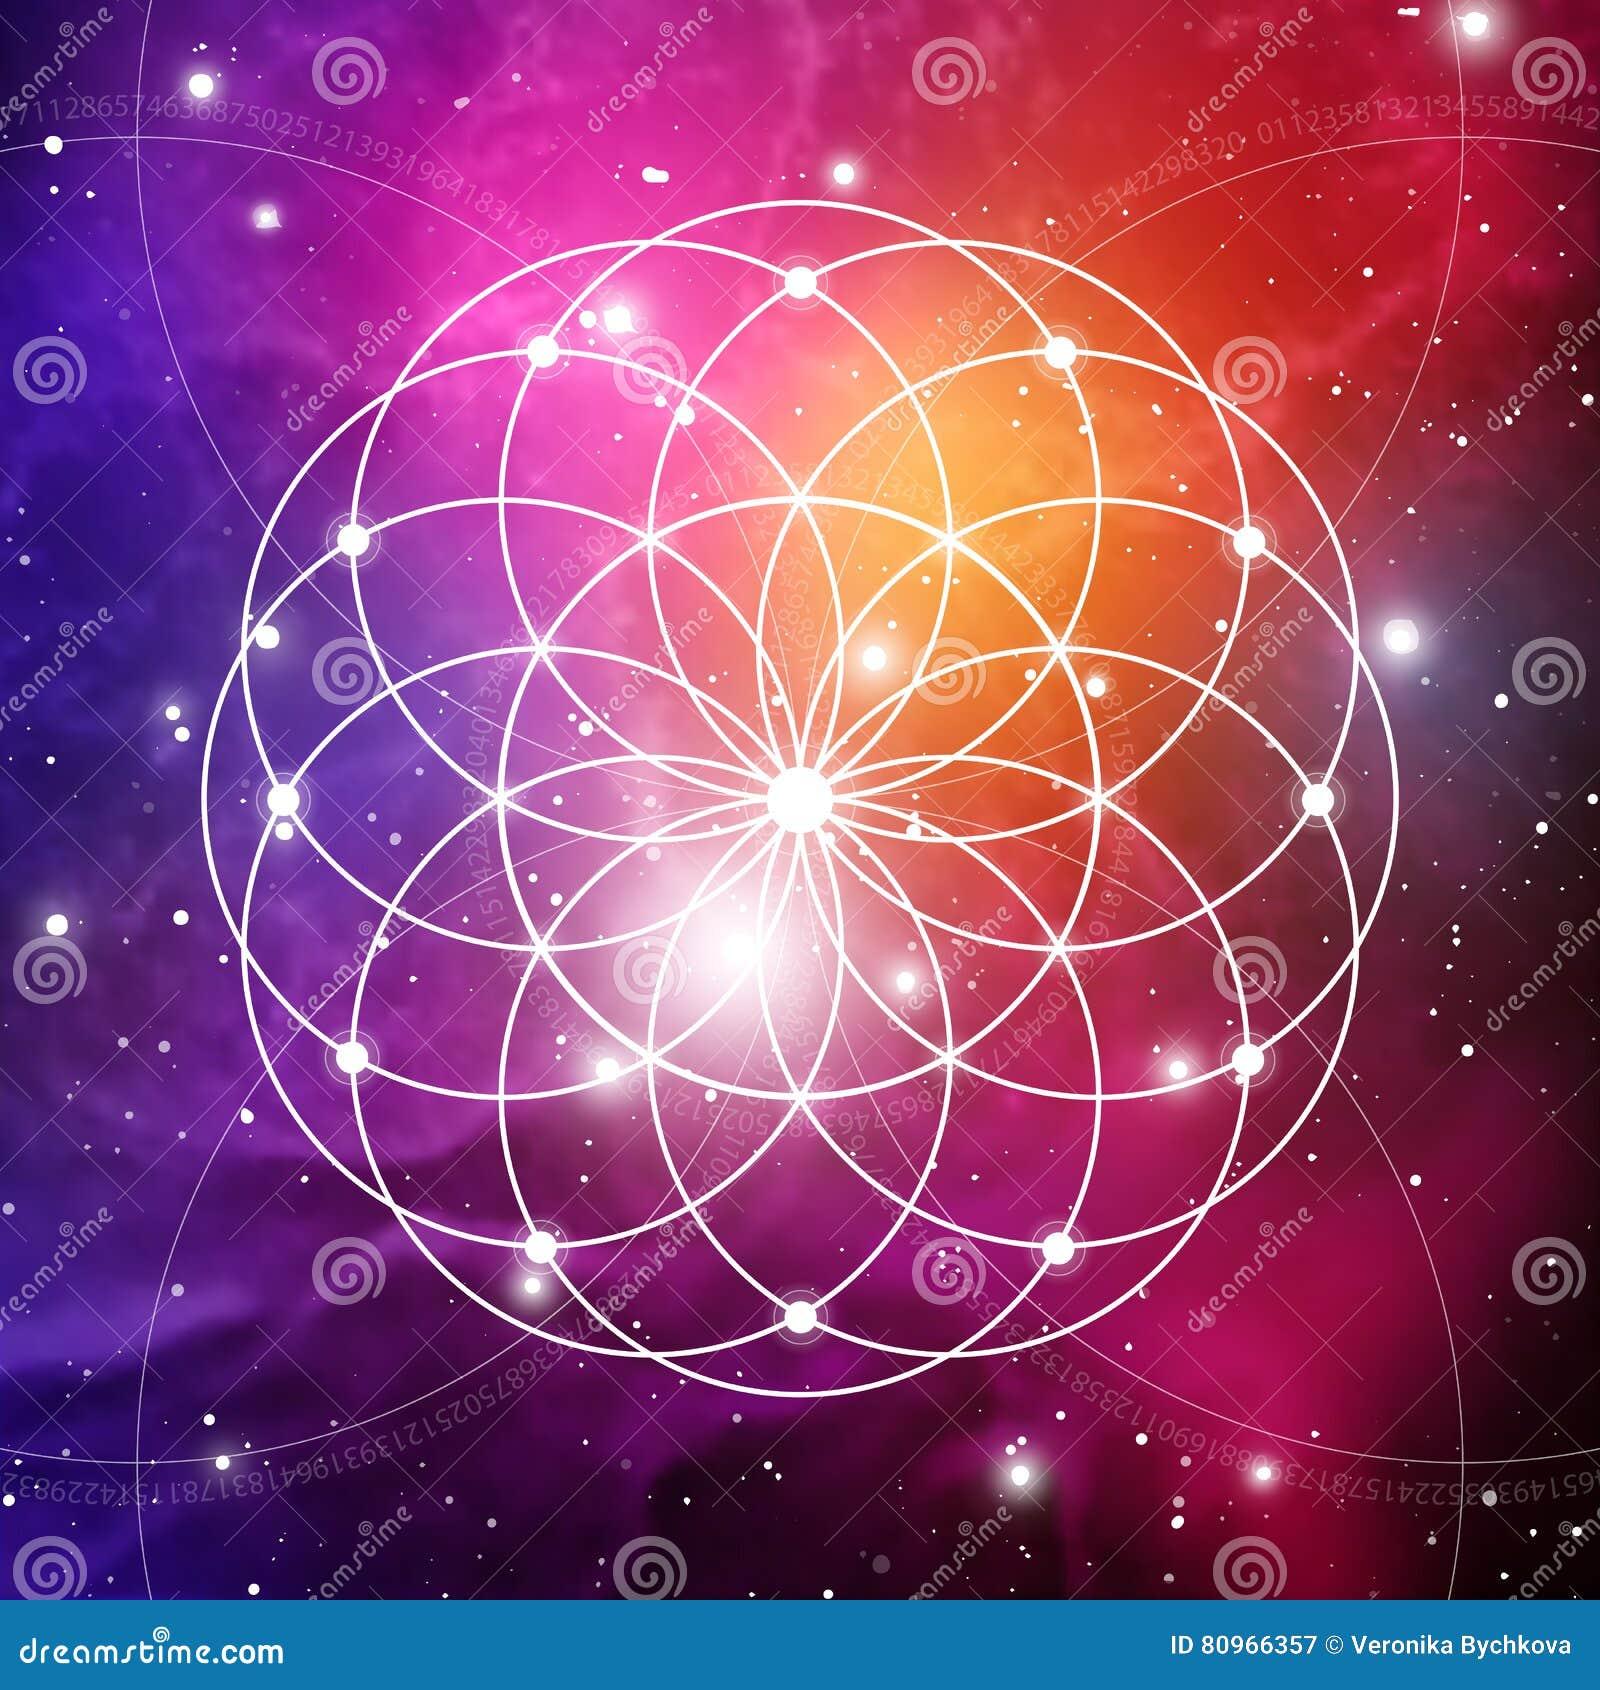 Λουλούδι της ζωής - το ενδασφαλίζοντας αρχαίο σύμβολο κύκλων στο υπόβαθρο μακρινού διαστήματος γεωμετρία ιερή Ο τύπος της φύσης